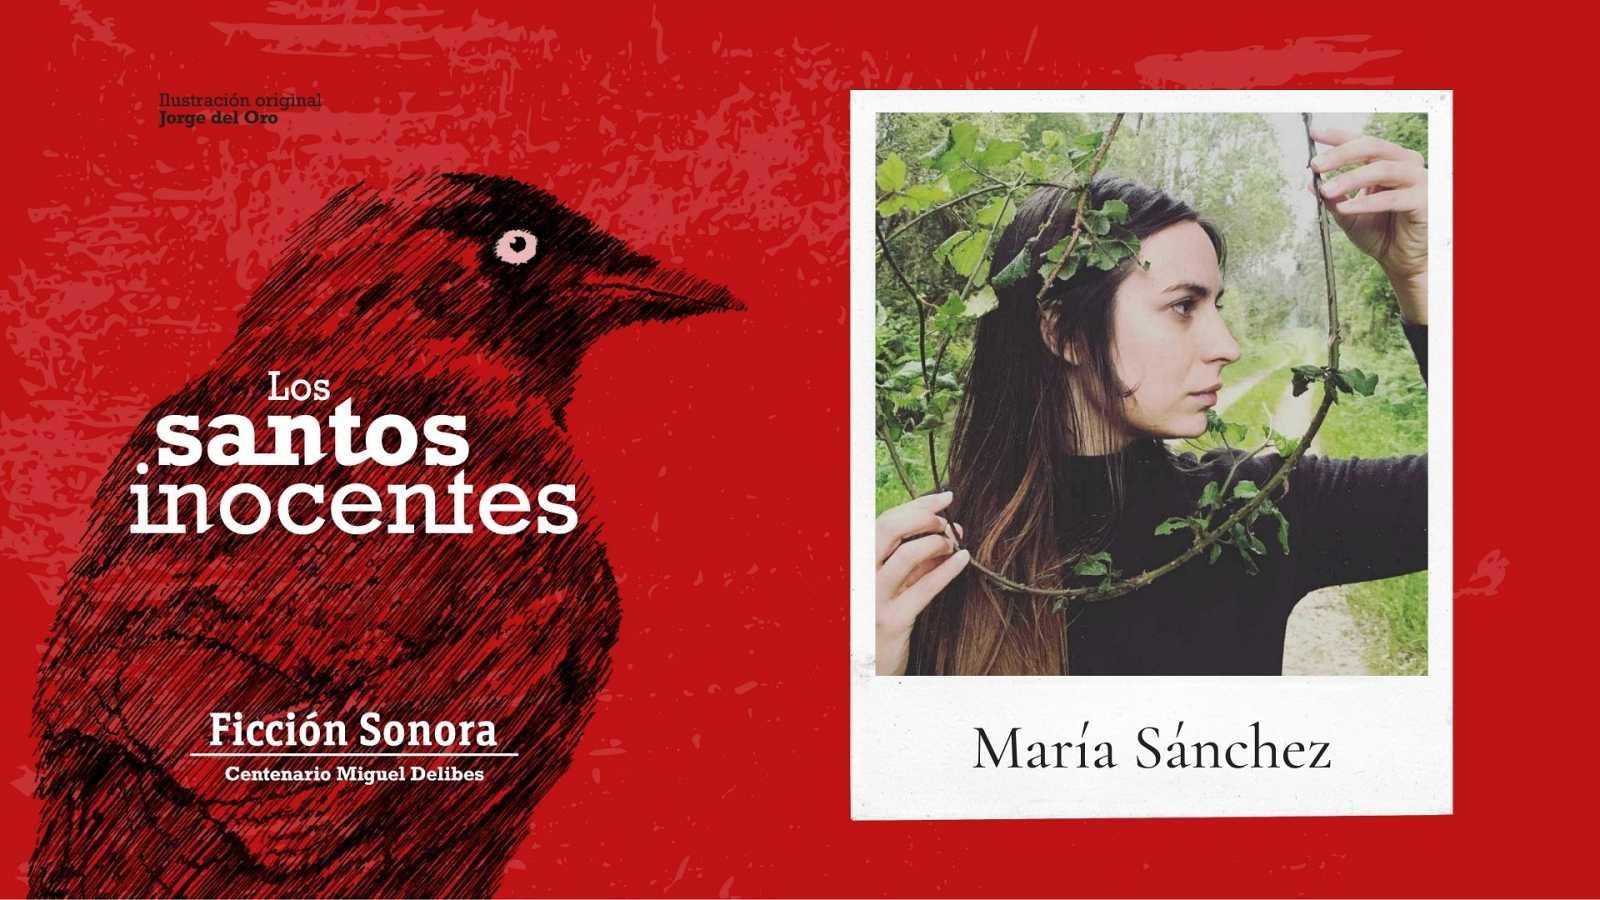 El ojo crítico - 'Los santos inocentes', capítulo V. con María Sánchez - 17/05/2021 - Escuchar ahora